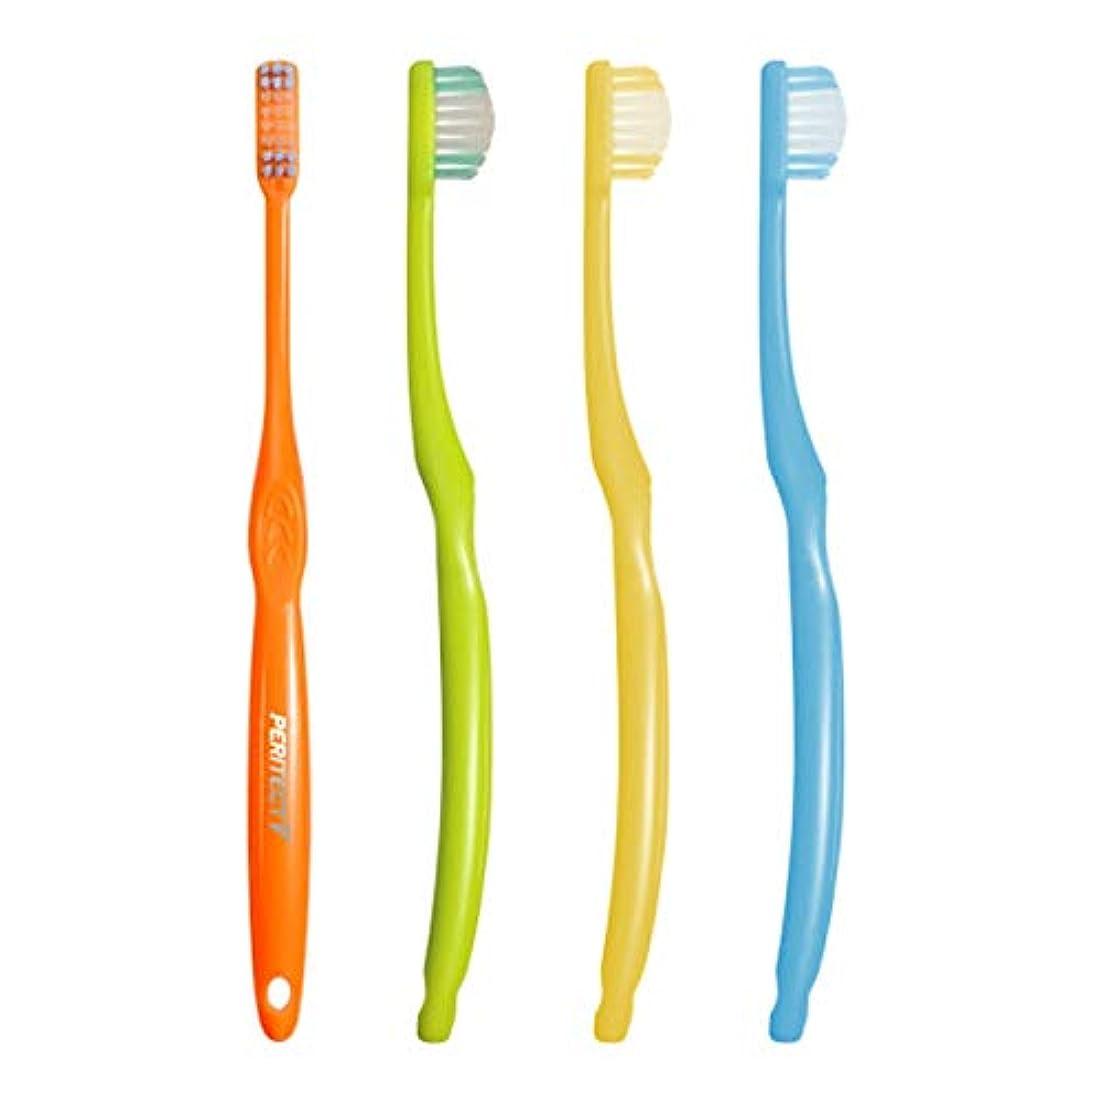 ホステス間欠忠実なビーブランド PERITECT V ペリテクト ブイ 歯ブラシ (8M ふつう) × 5本 歯科専売品